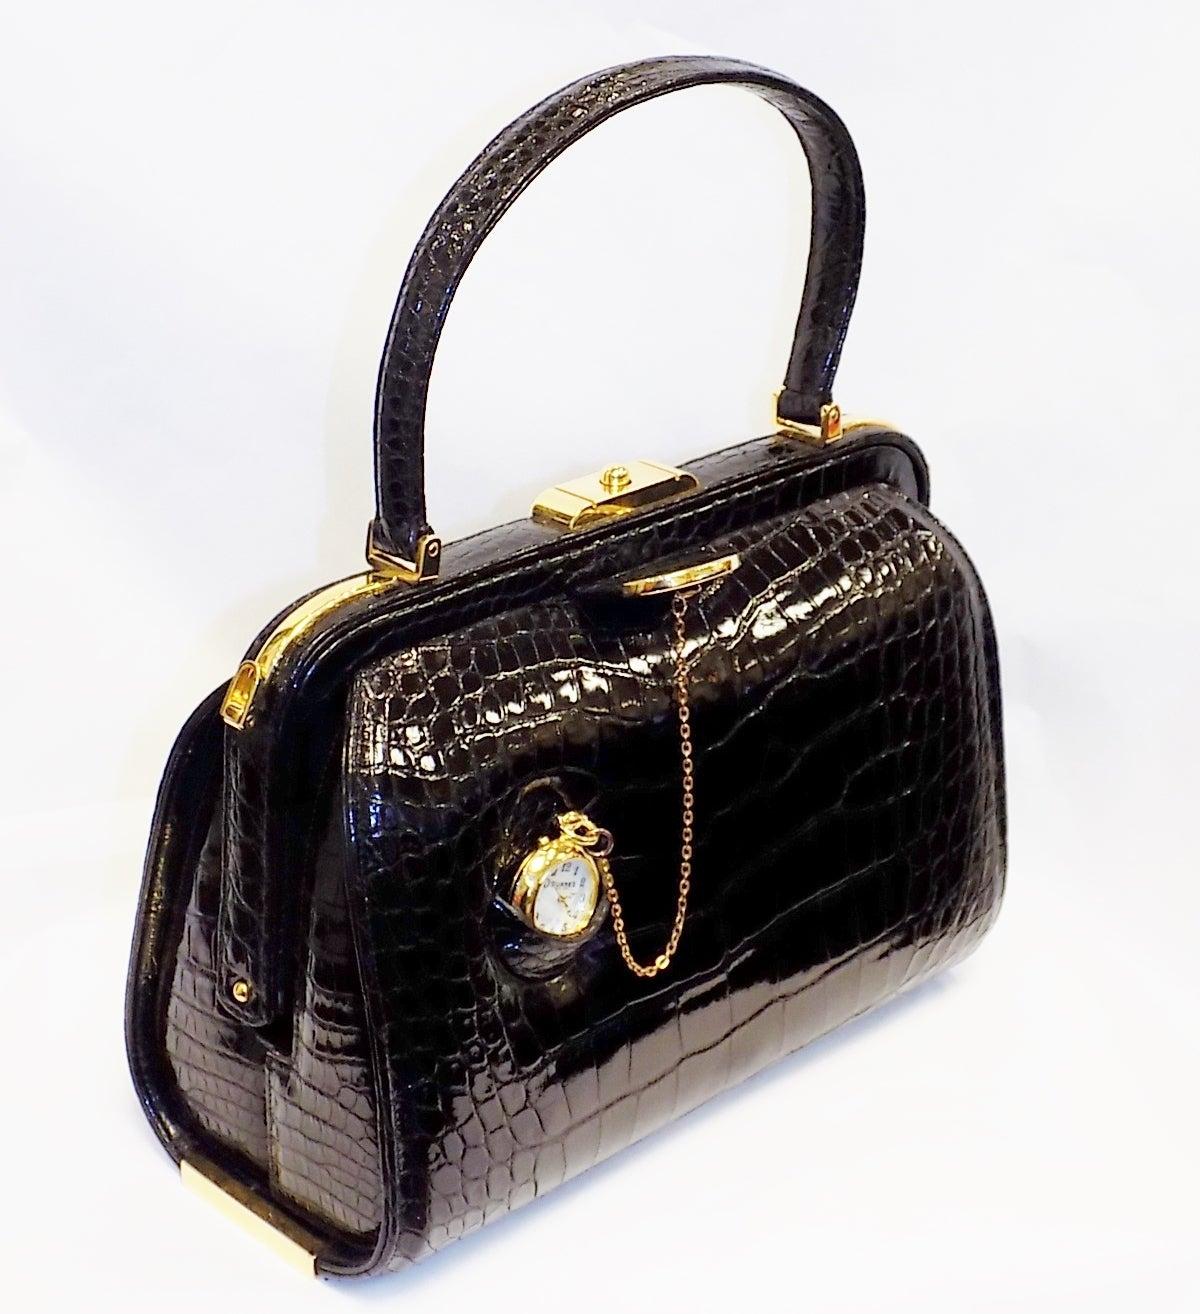 Suarez vintage alligator bag with pocket watch at 1stdibs